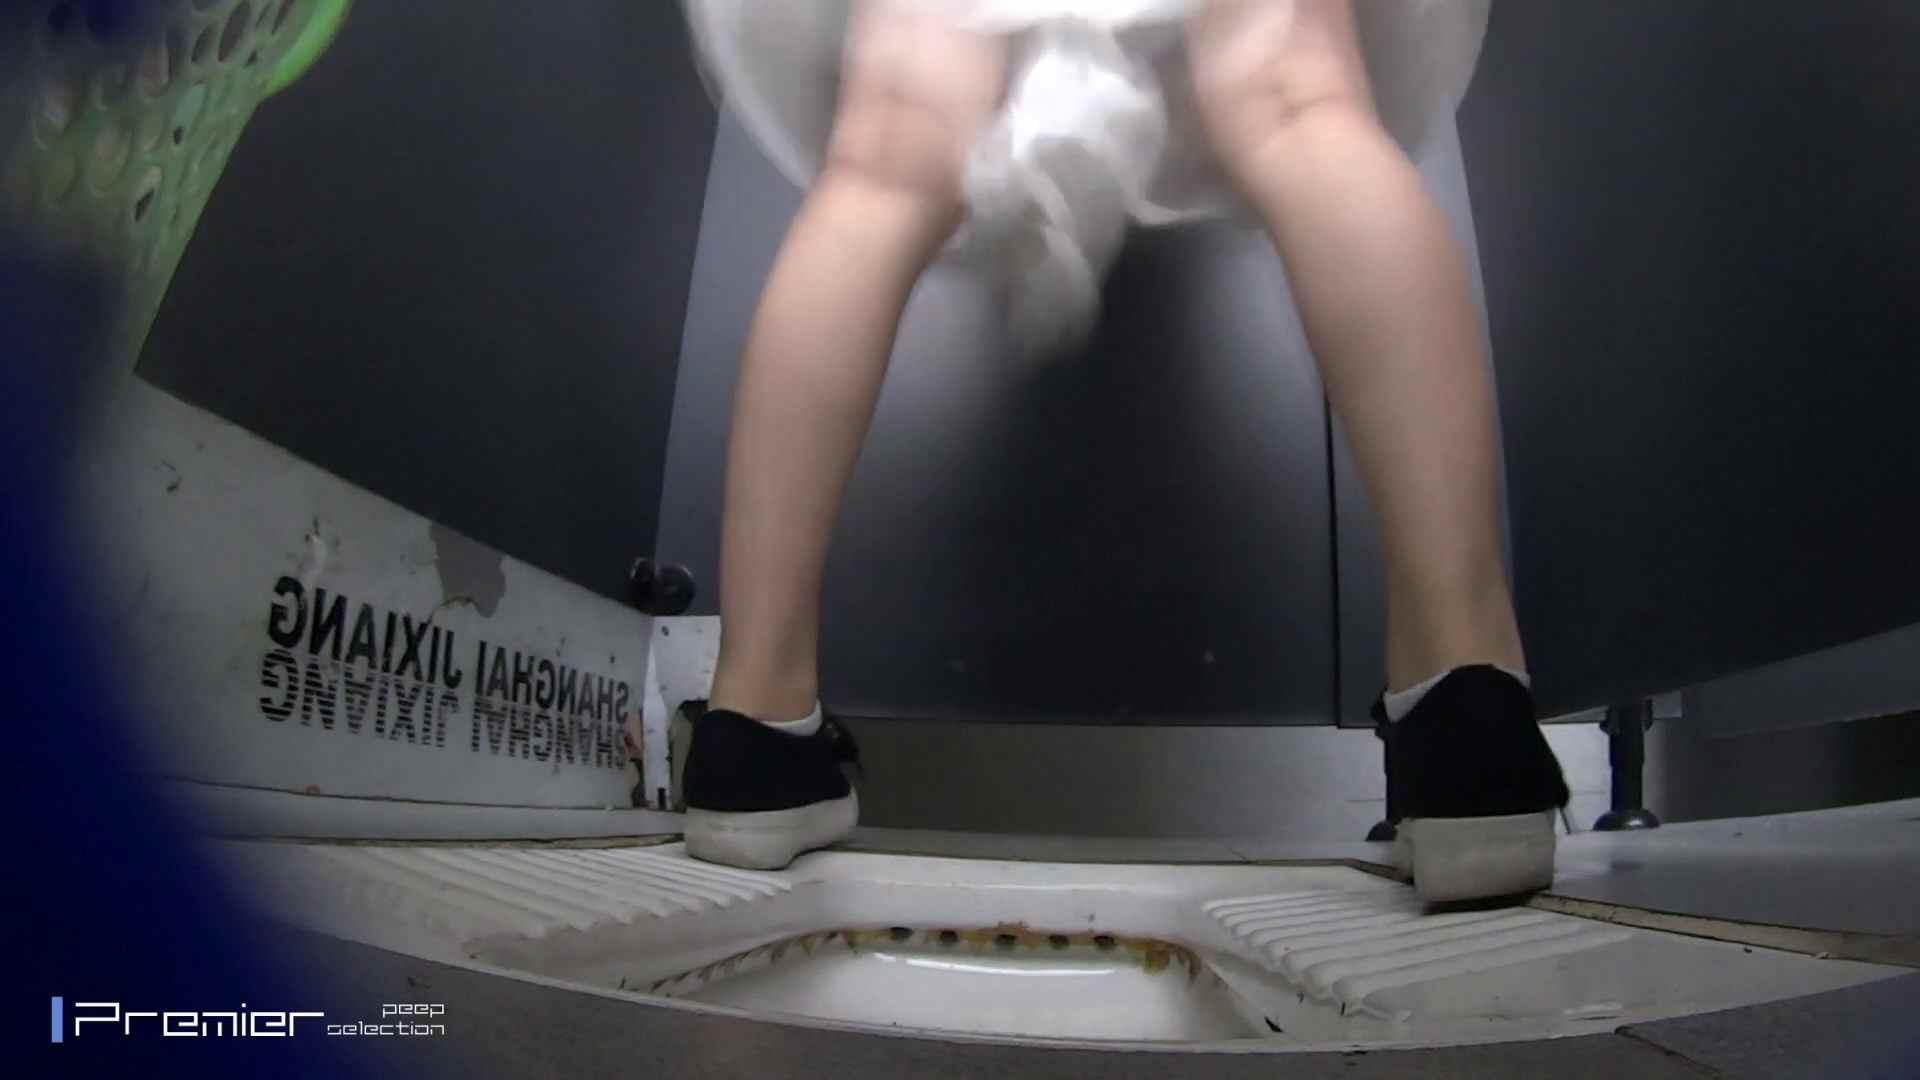 ポチャが多めの洗面所 大学休憩時間の洗面所事情45 ギャル達 エロ画像 107枚 14